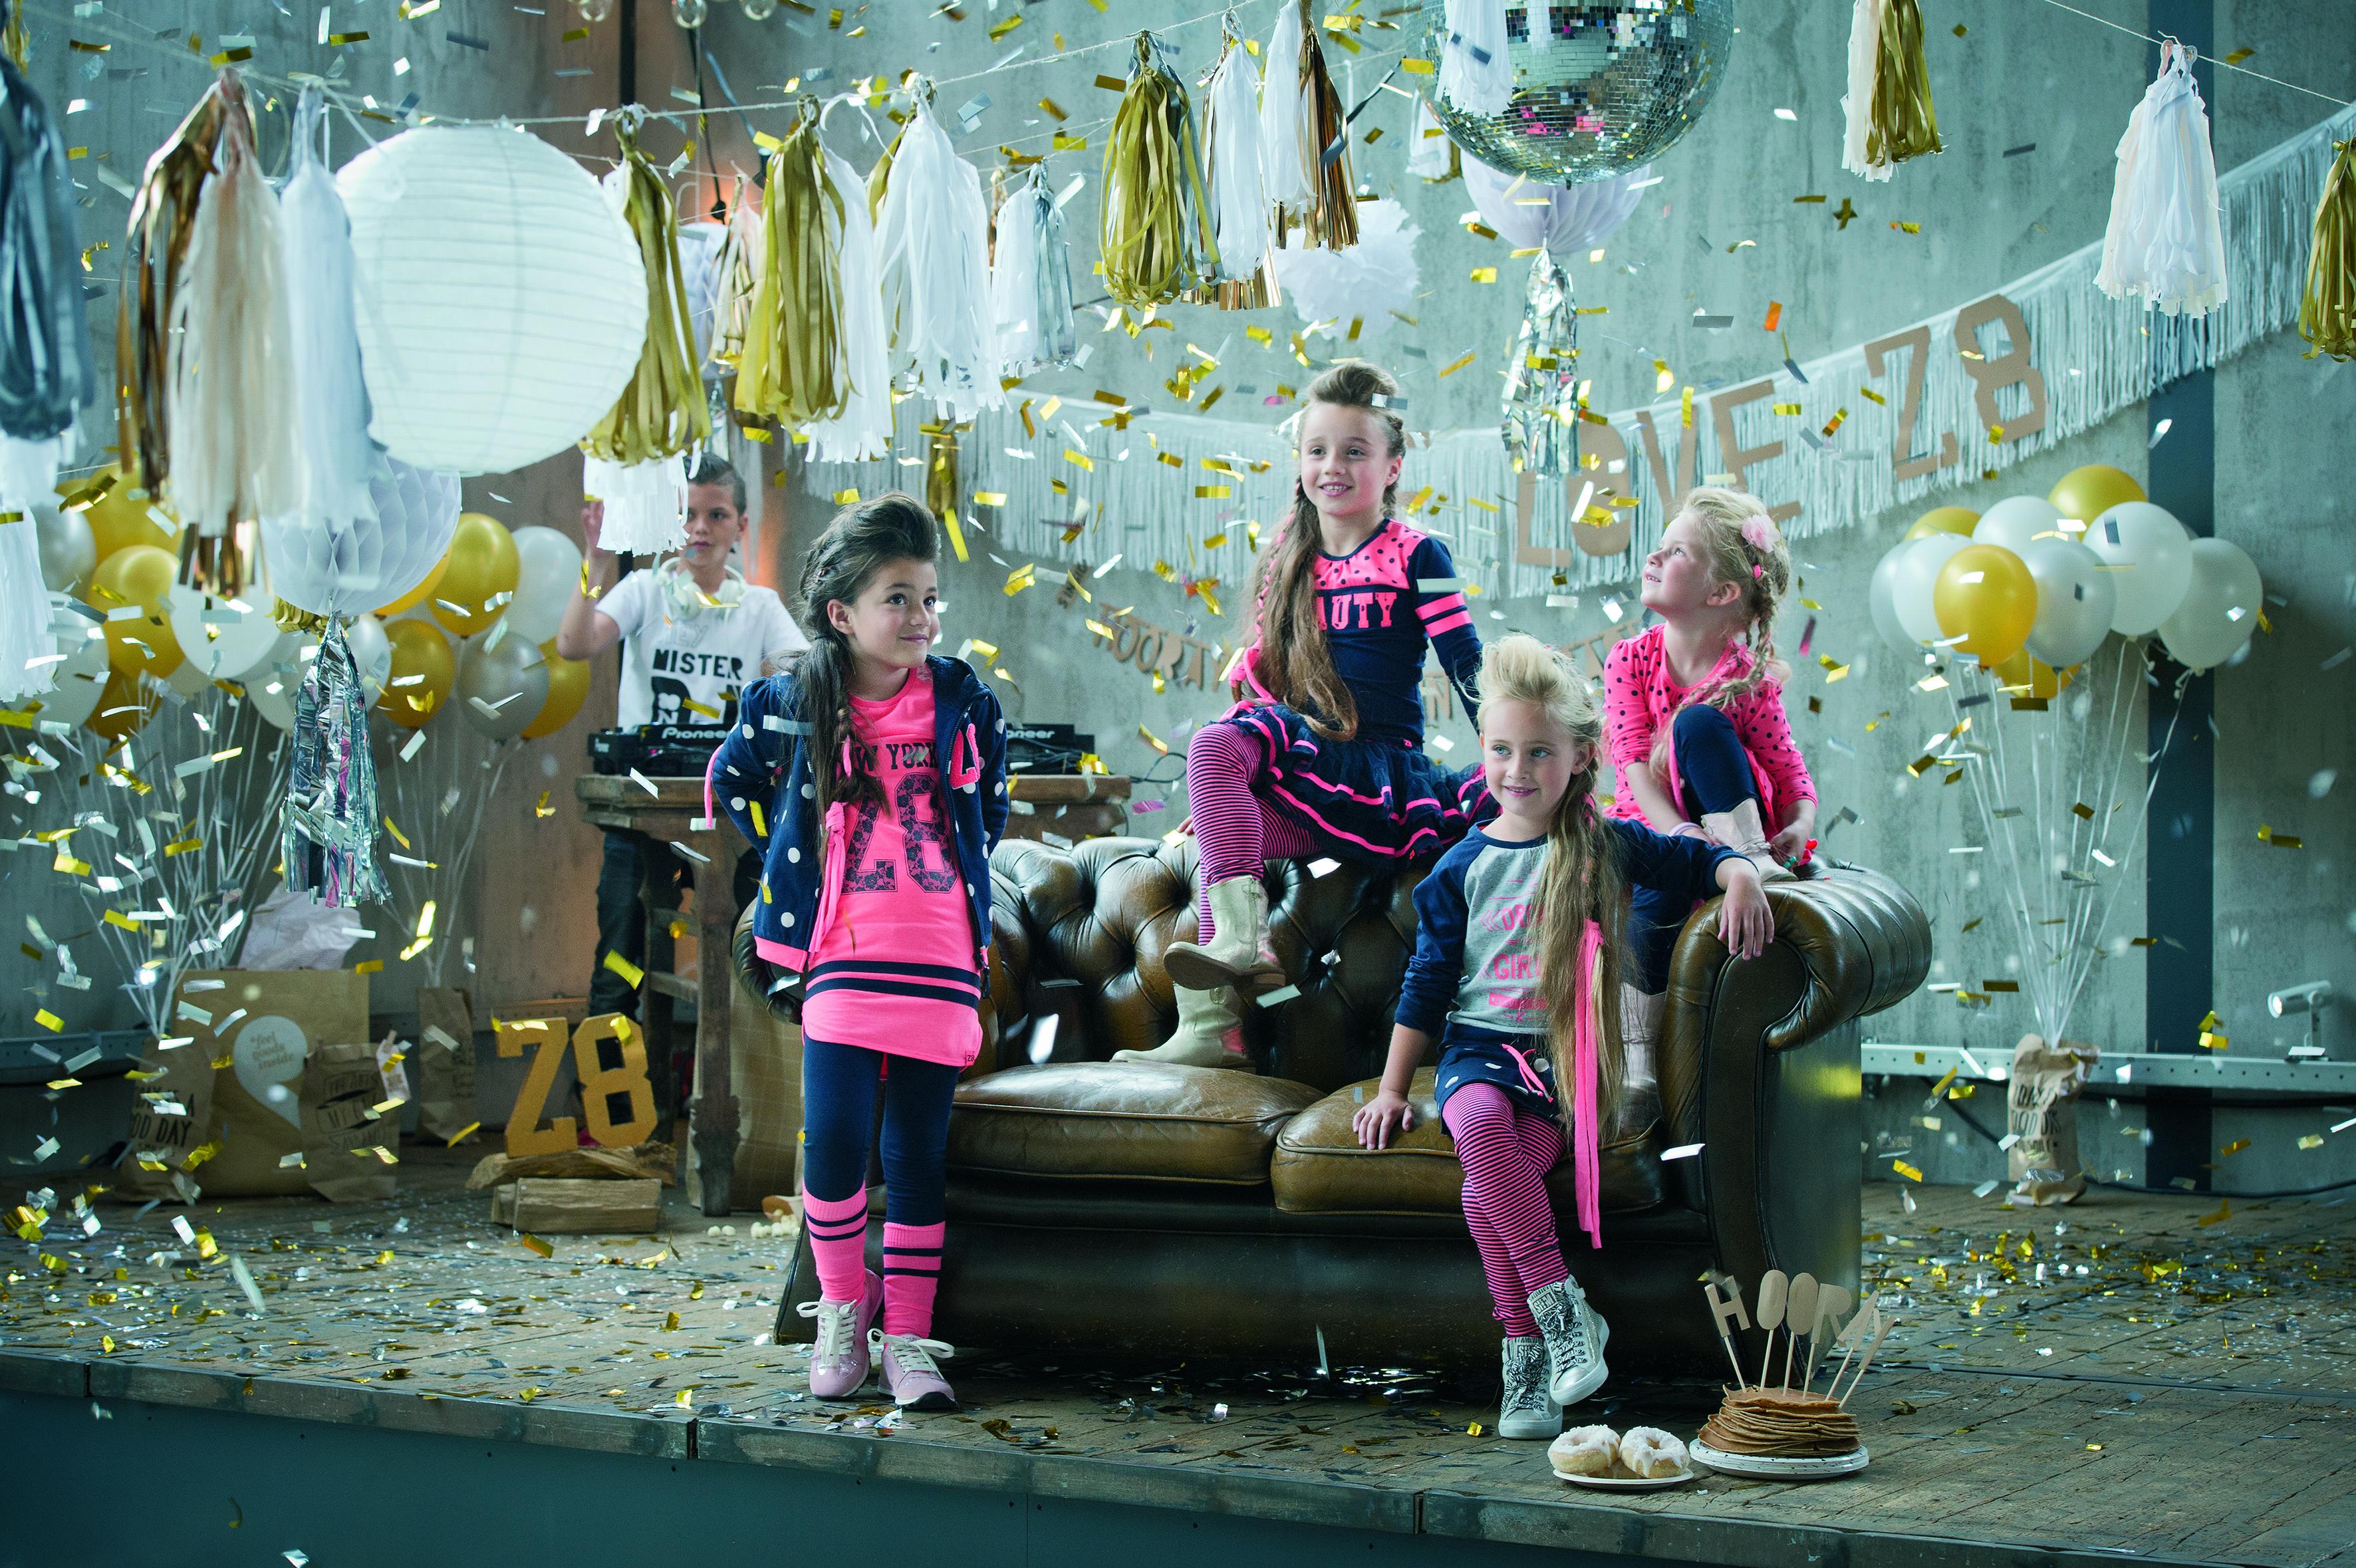 Z8 winter 2015-Z8 Girls- GoodGirlsCompany